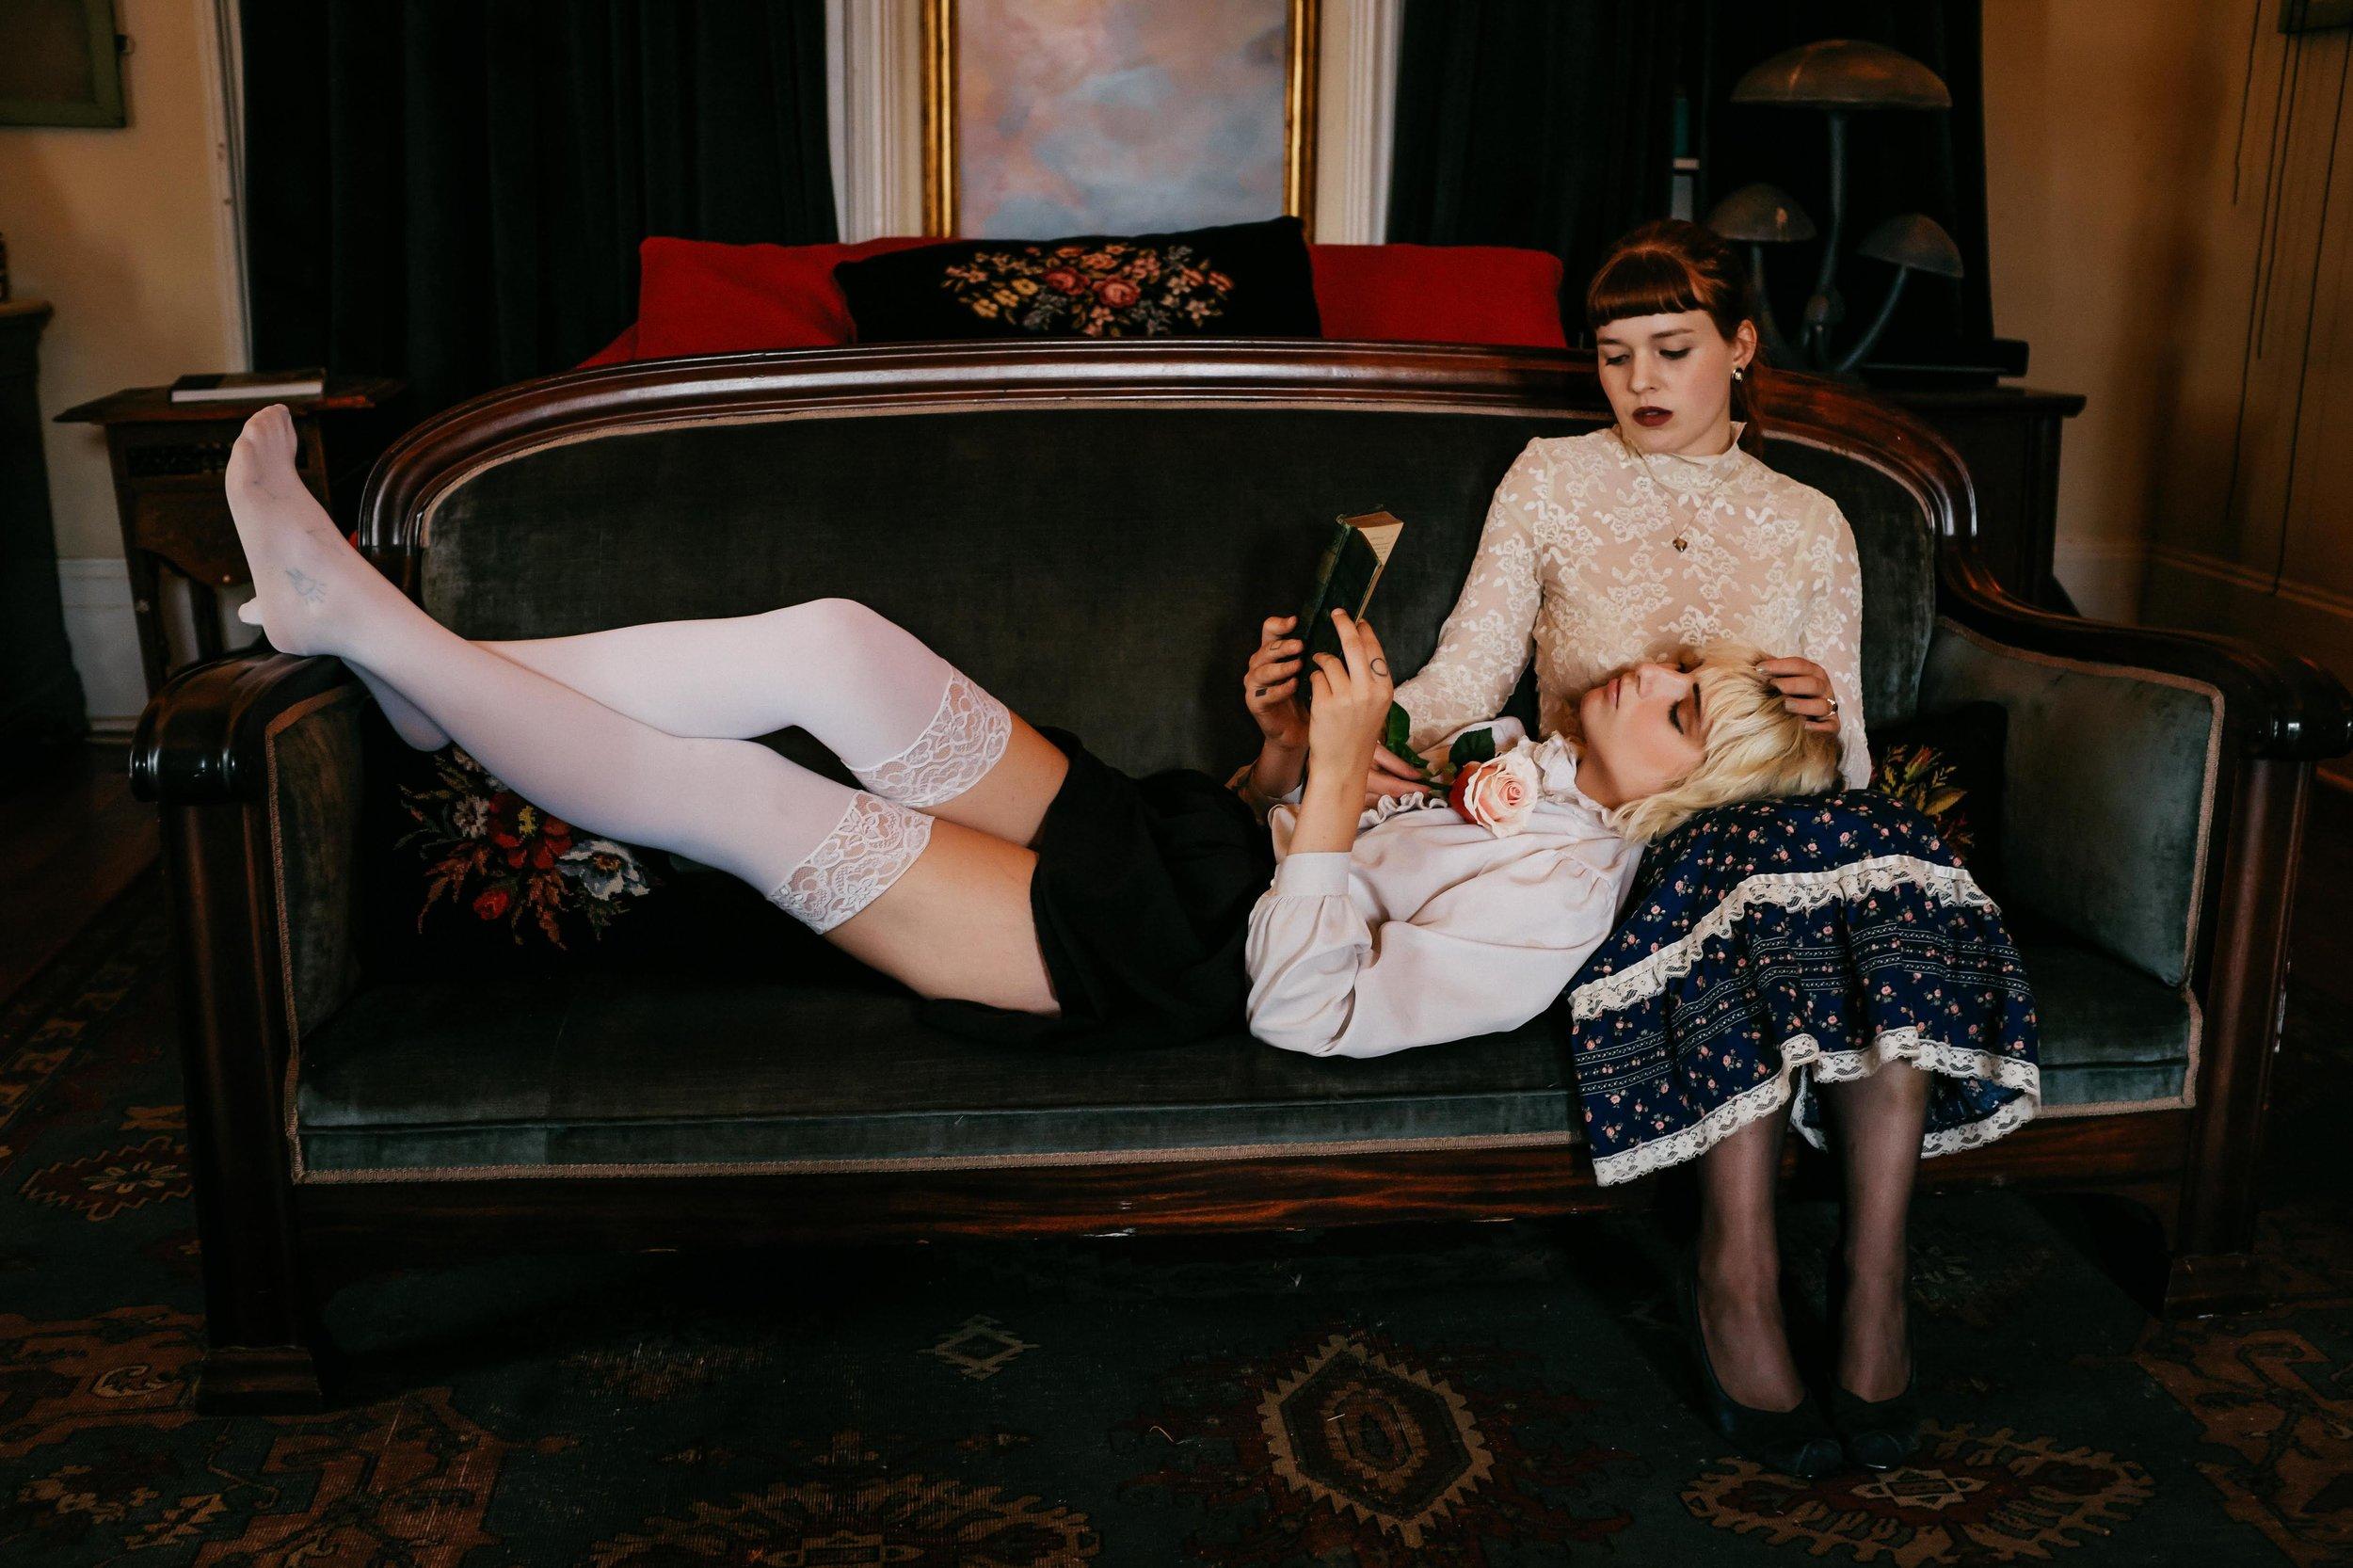 Alison&MadeleinePianoTeacherPhotoset-30.jpg